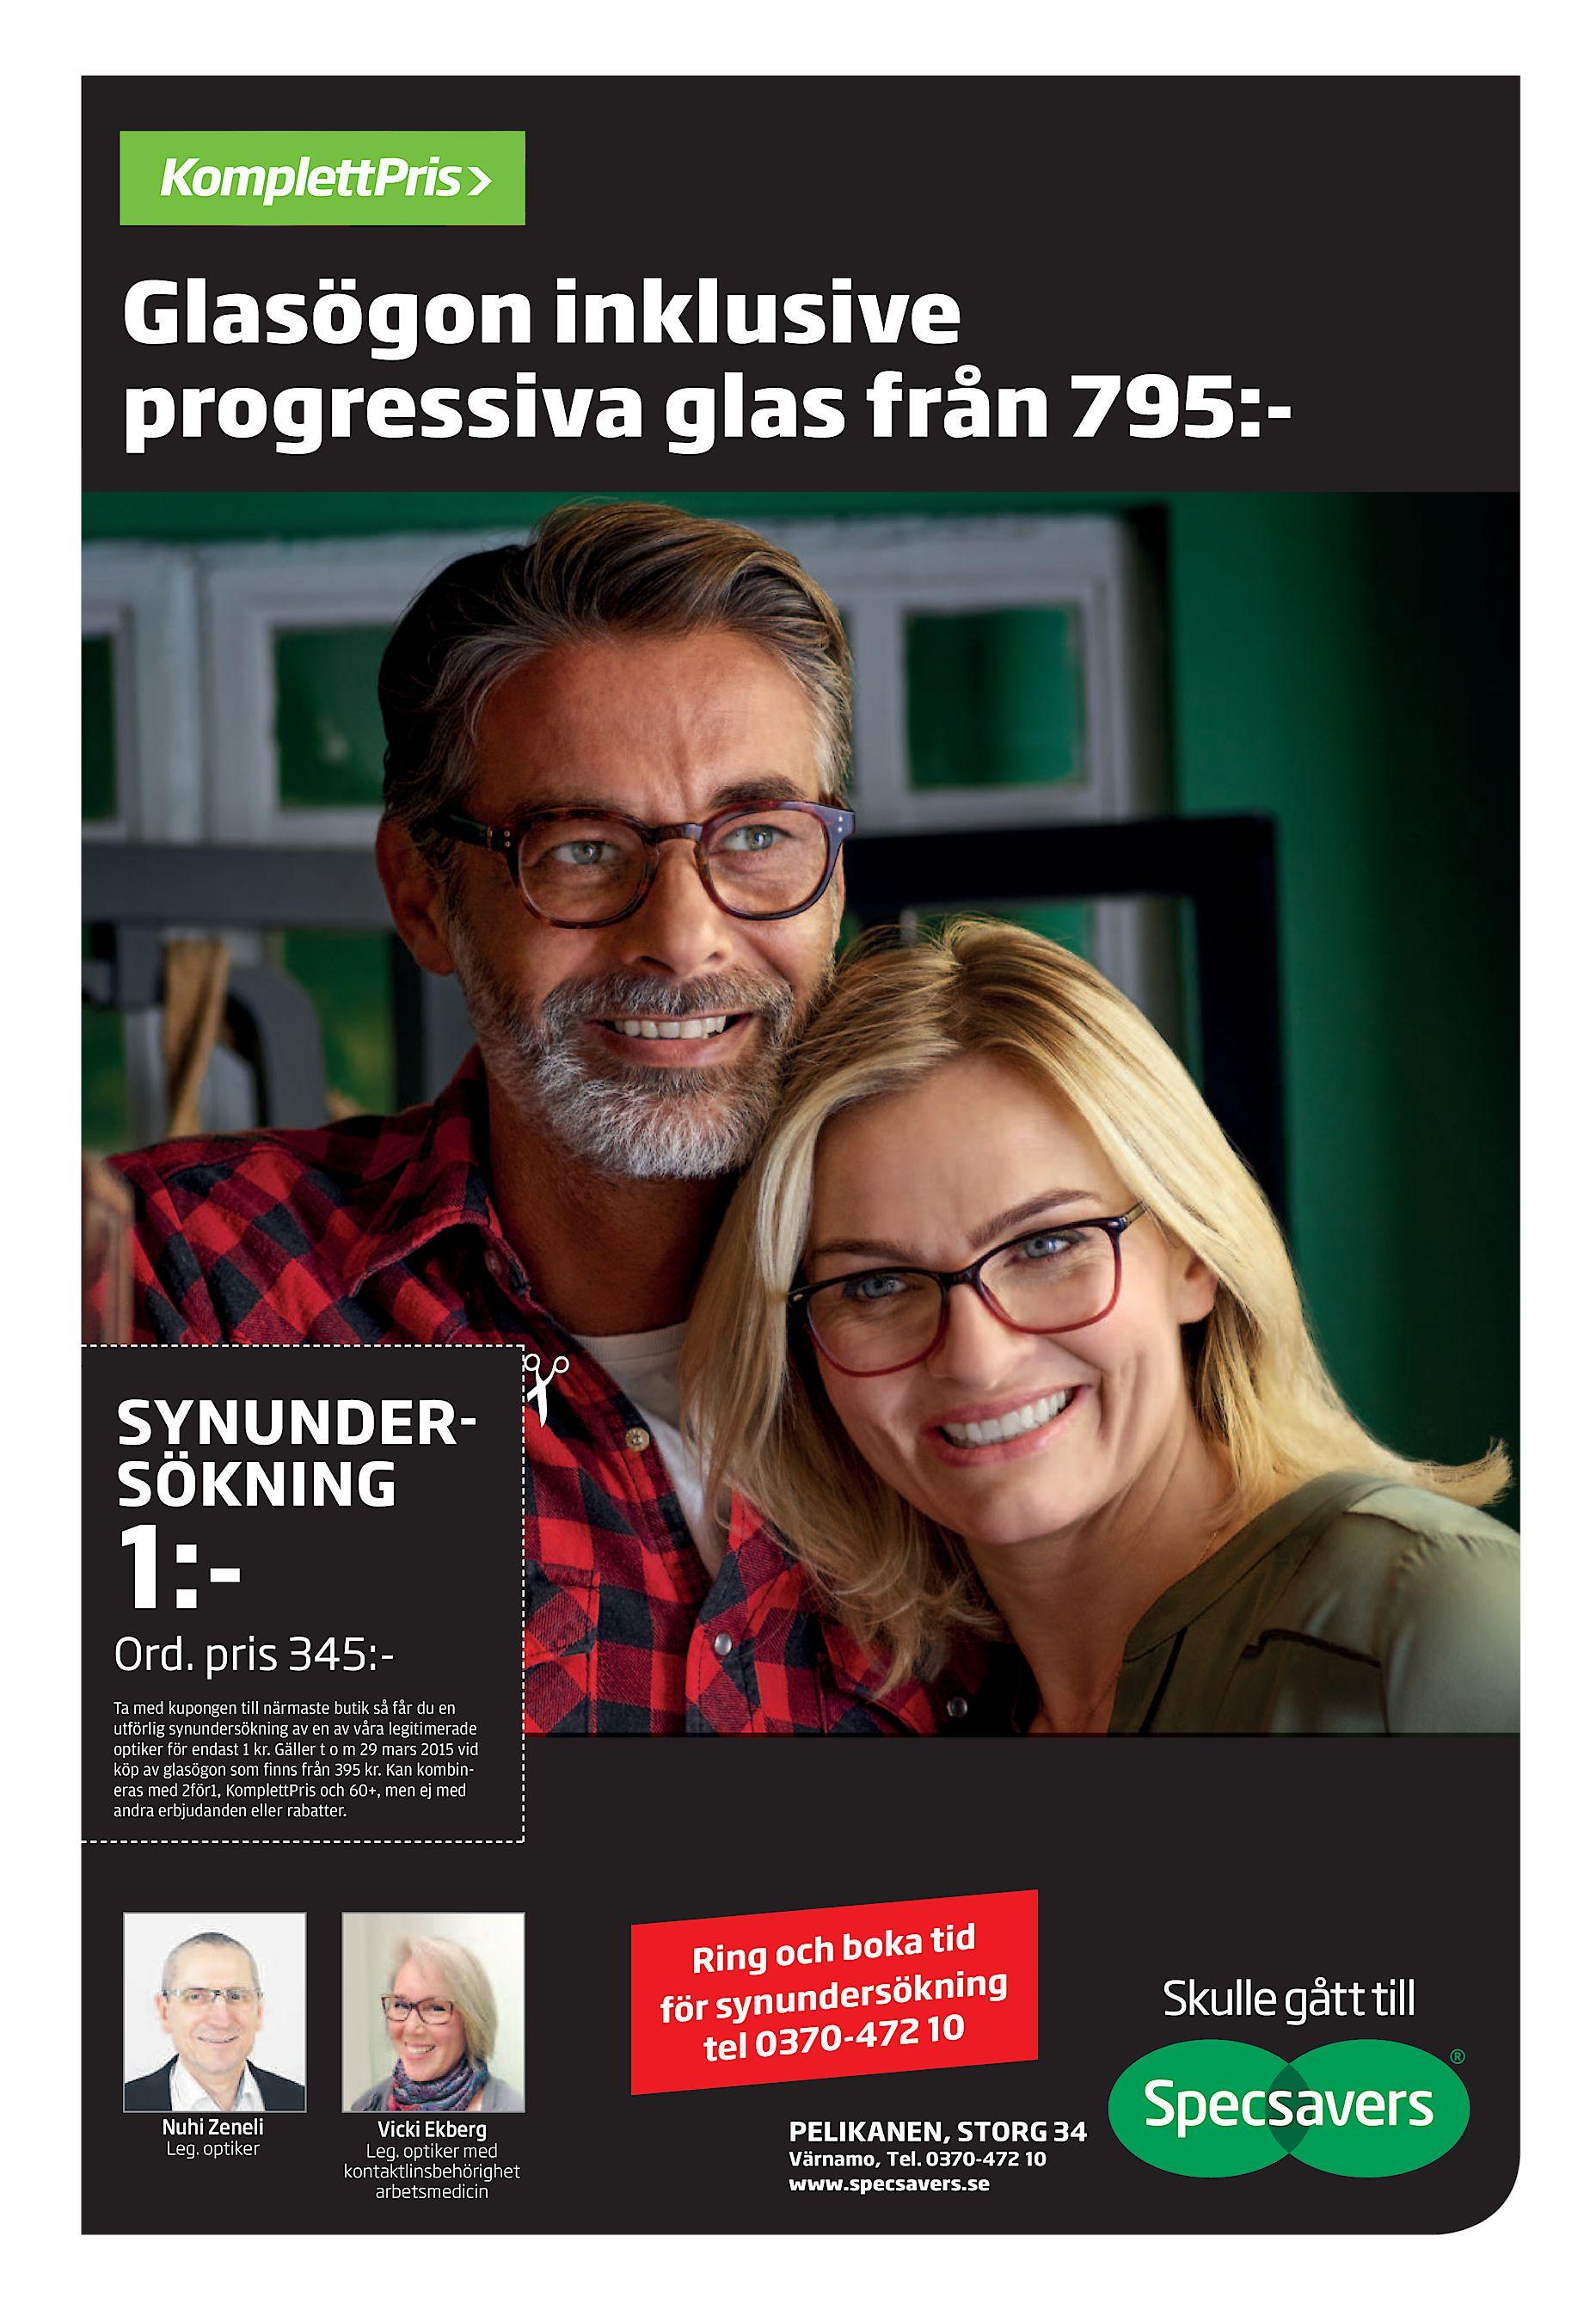 Glasögon inklusive progressiva glas från 795 - SYNUNDERSÖKNING 1 - Ord.  pris 345 Ta med kupongen till närmaste butik så får du en utförlig  synundersökning ... e6adf8f4b16ab